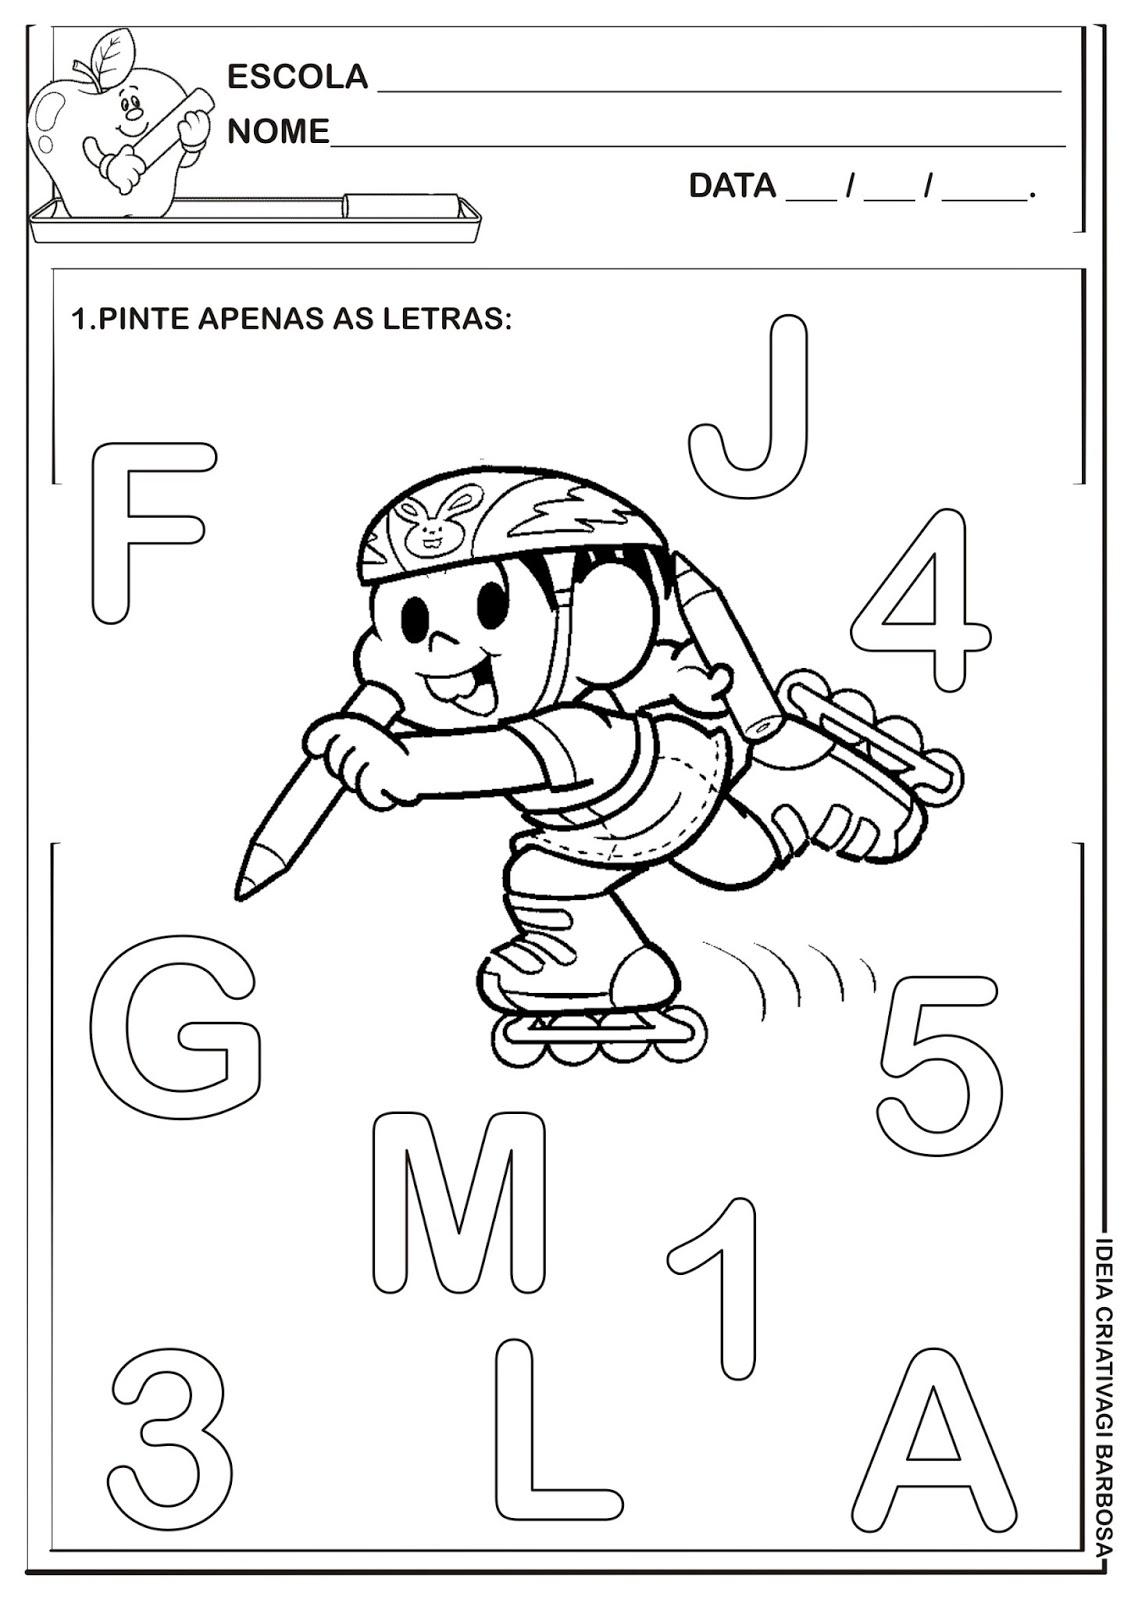 Excepcional Atividade Letra e Número Turma da Mônica | Ideia Criativa - Gi  VY26